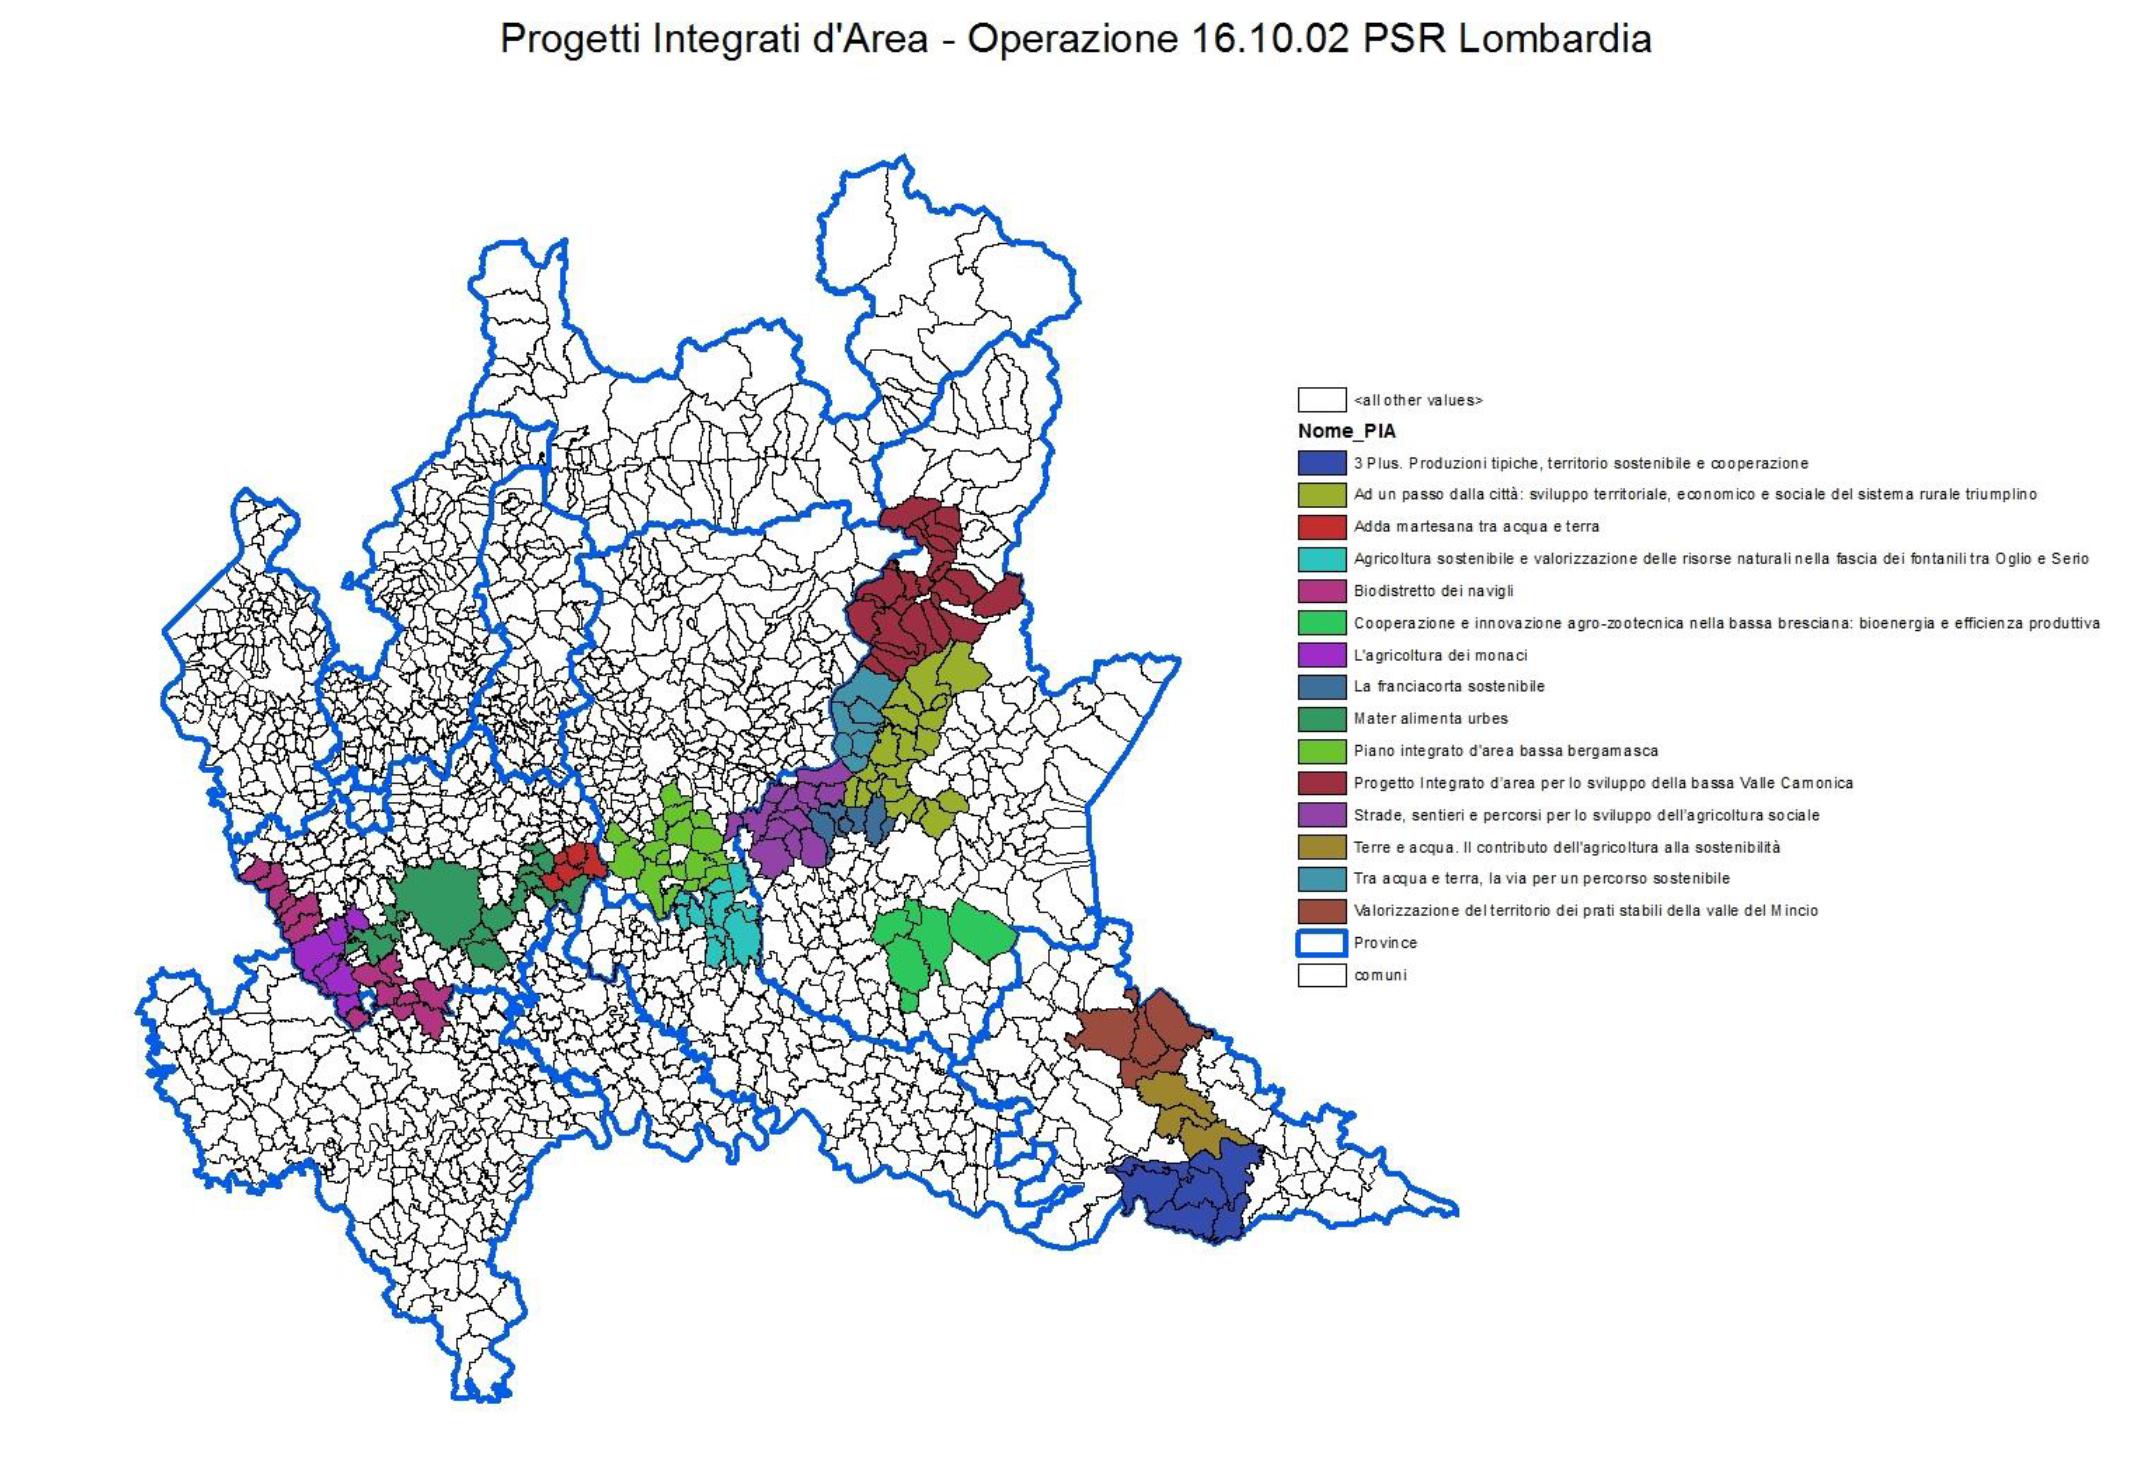 Cartina Lombardia Con Tutti I Comuni.Pianeta Psr Cooperazione I Progetti Integrati Di Area Nel Psr Della Regione Lombardia